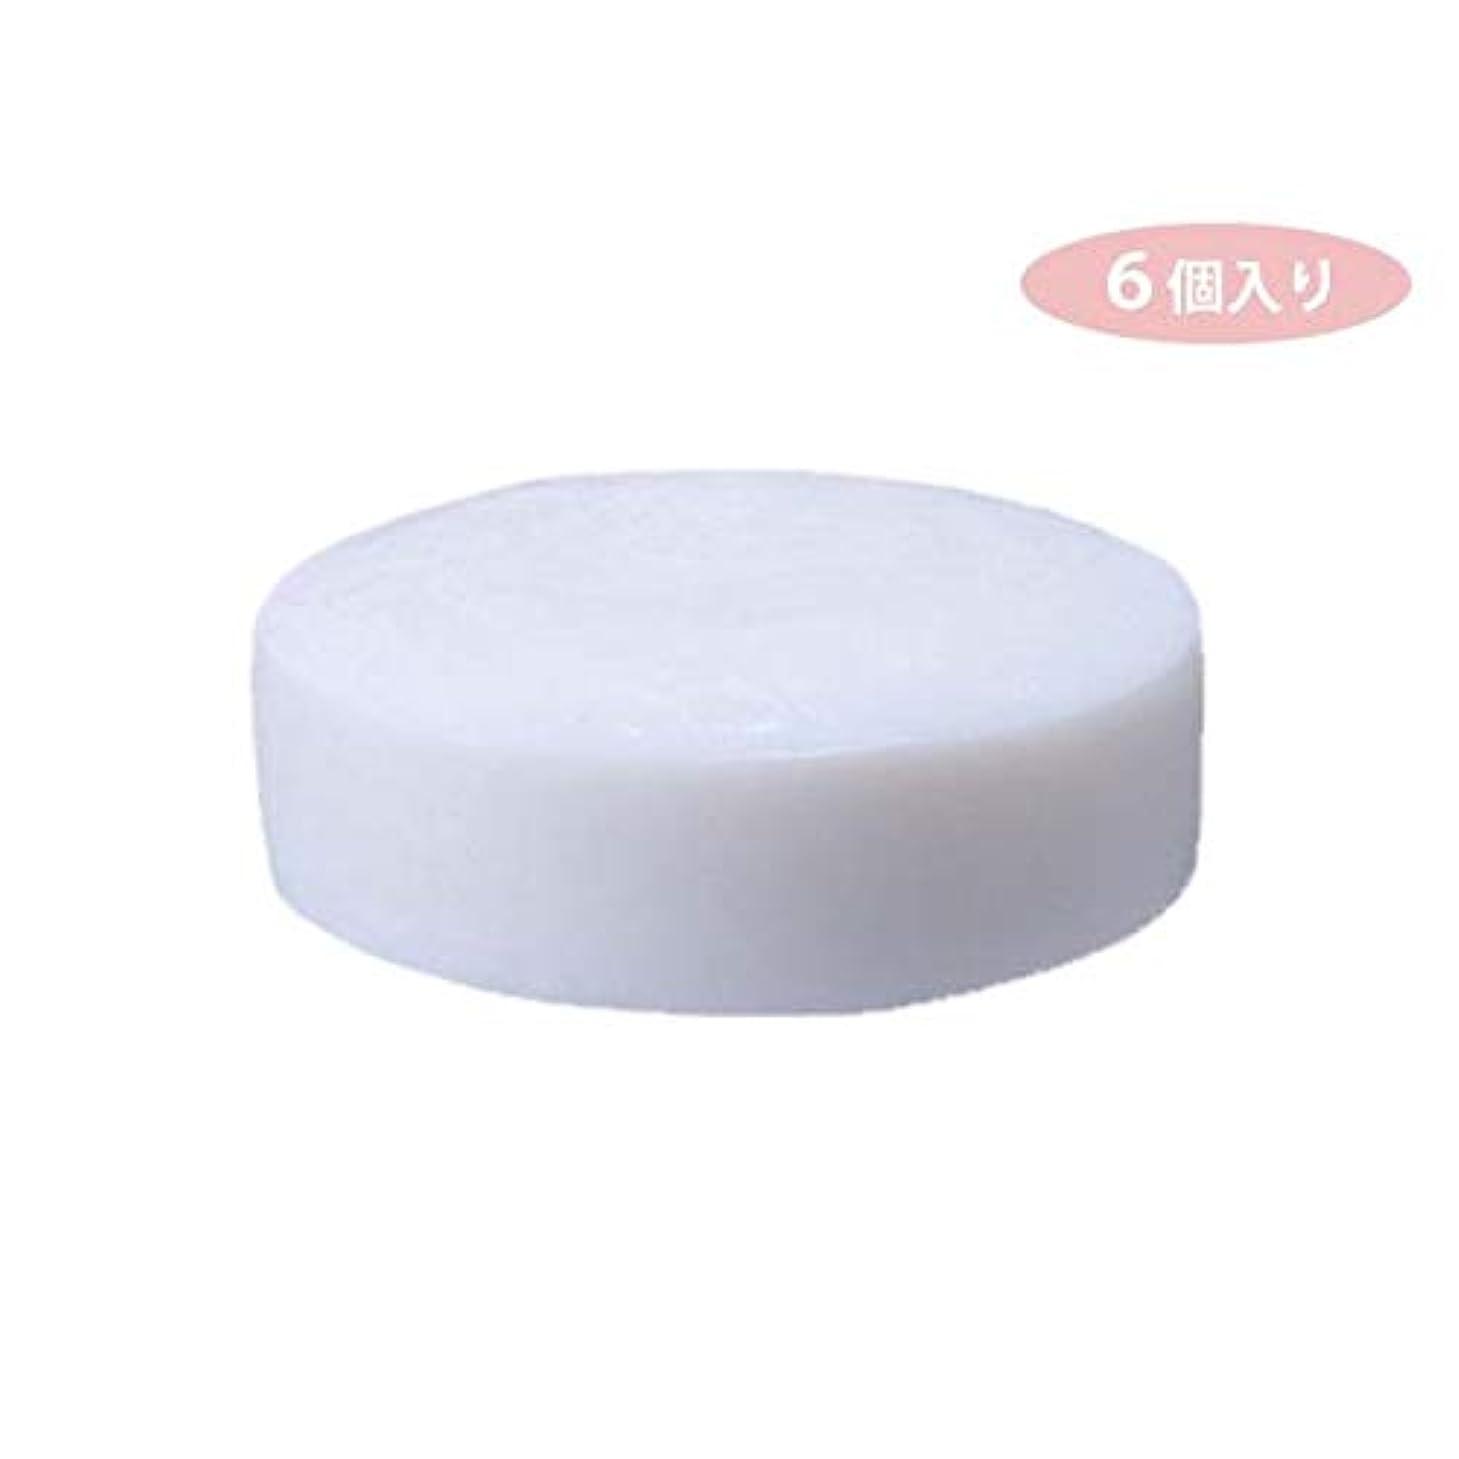 喜ぶ尋ねるスリーブCBH-S 6個入り 敏感なお肌のための化粧石鹸